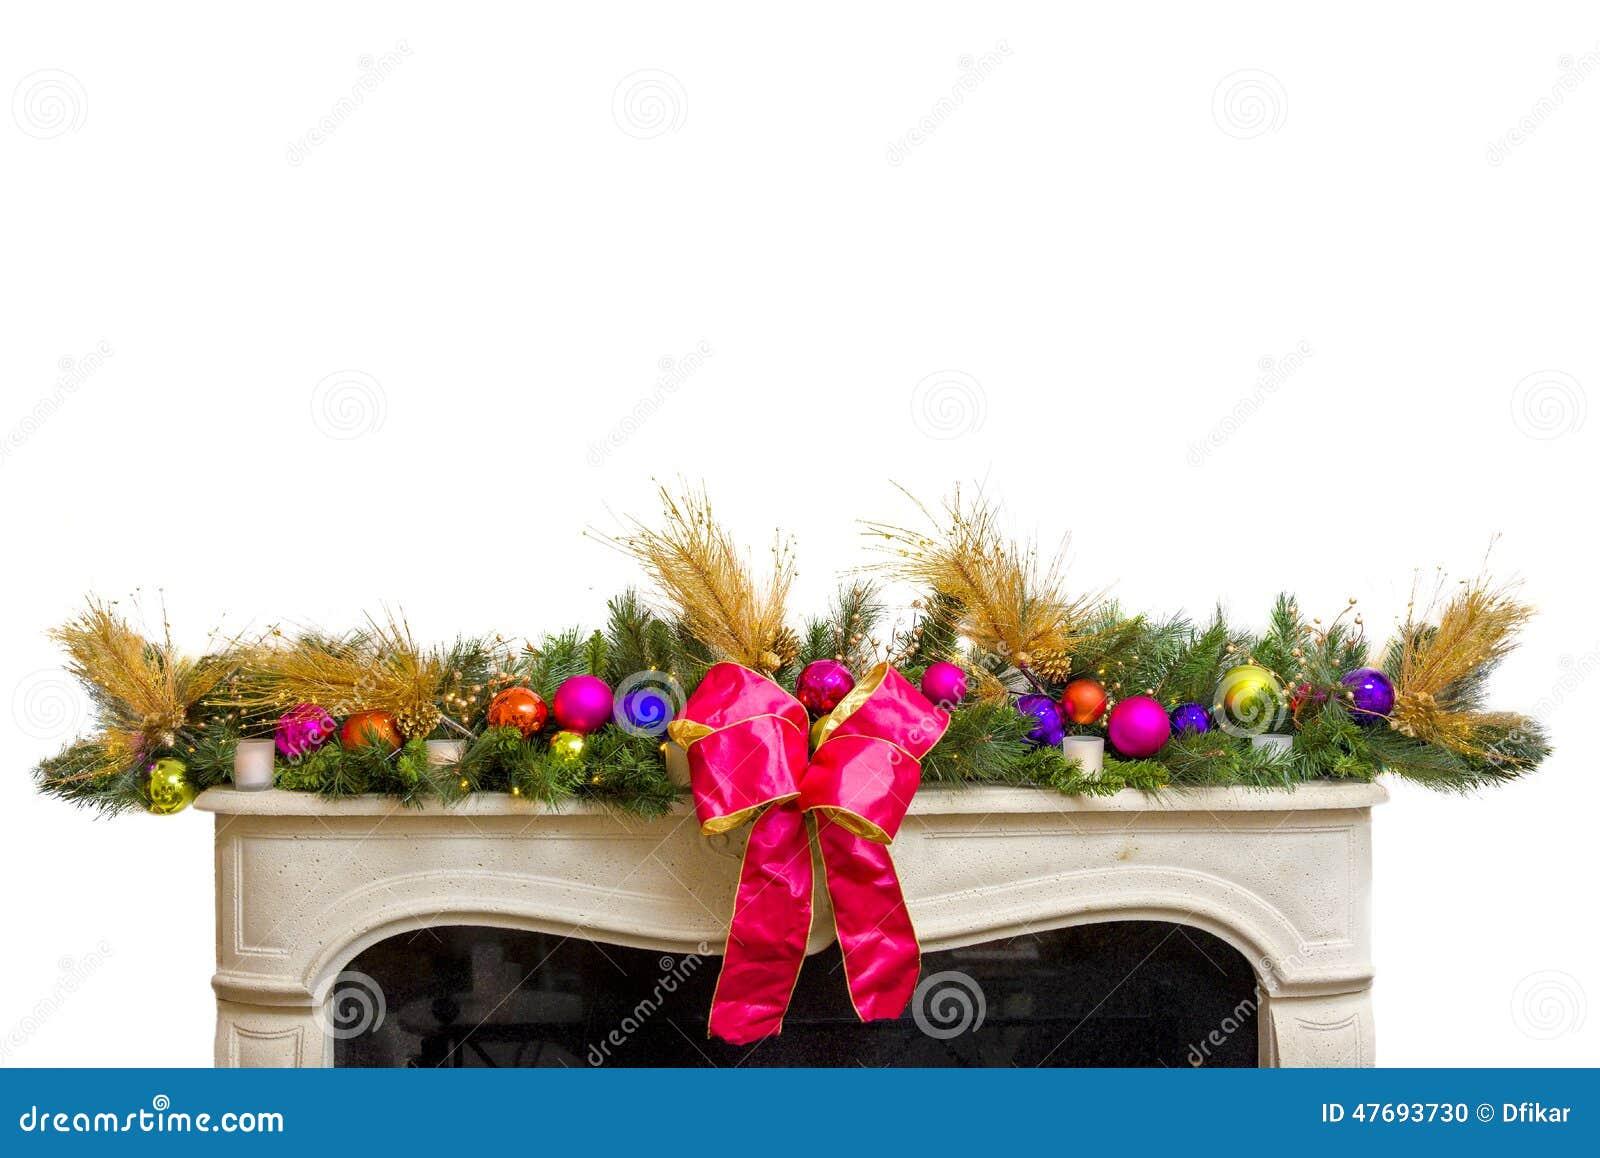 Eleganter Kranz, Der Die Spitze Eines Kaminkaminsimses Zur Weihnachtszeit,  Isloated Auf Weiß Schmückt